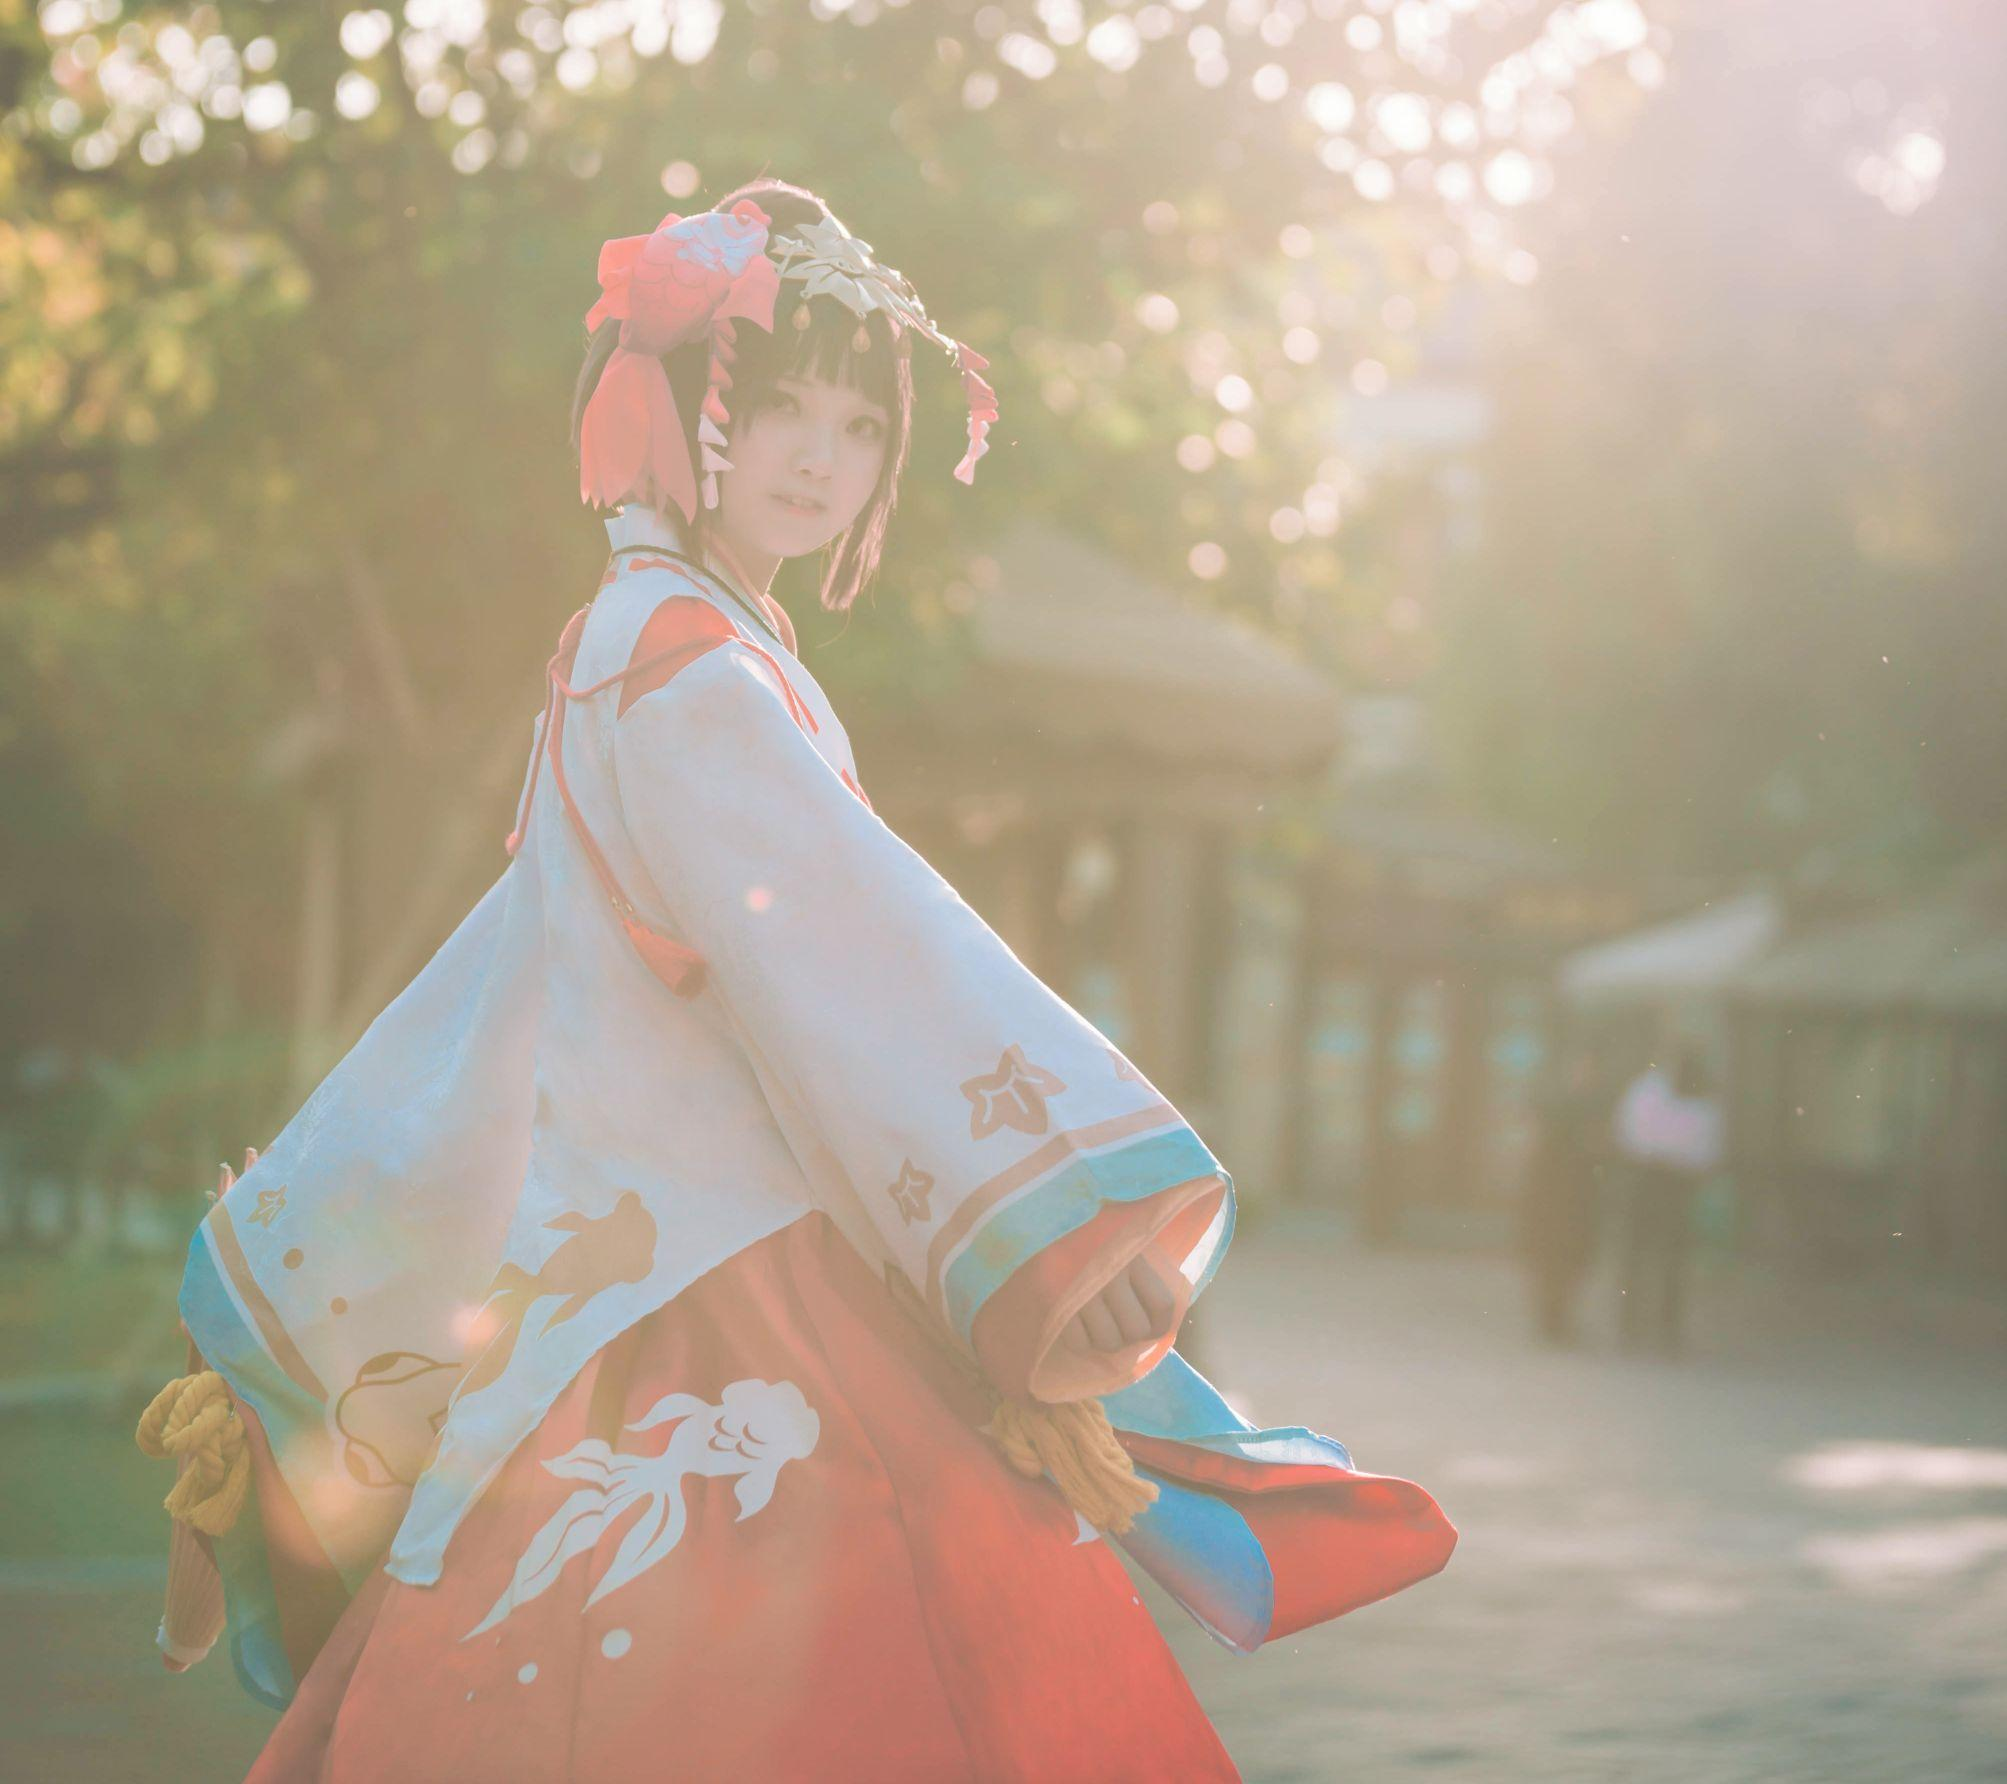 《阴阳师手游》正片cosplay【CN:戯言呱呱】-第18张